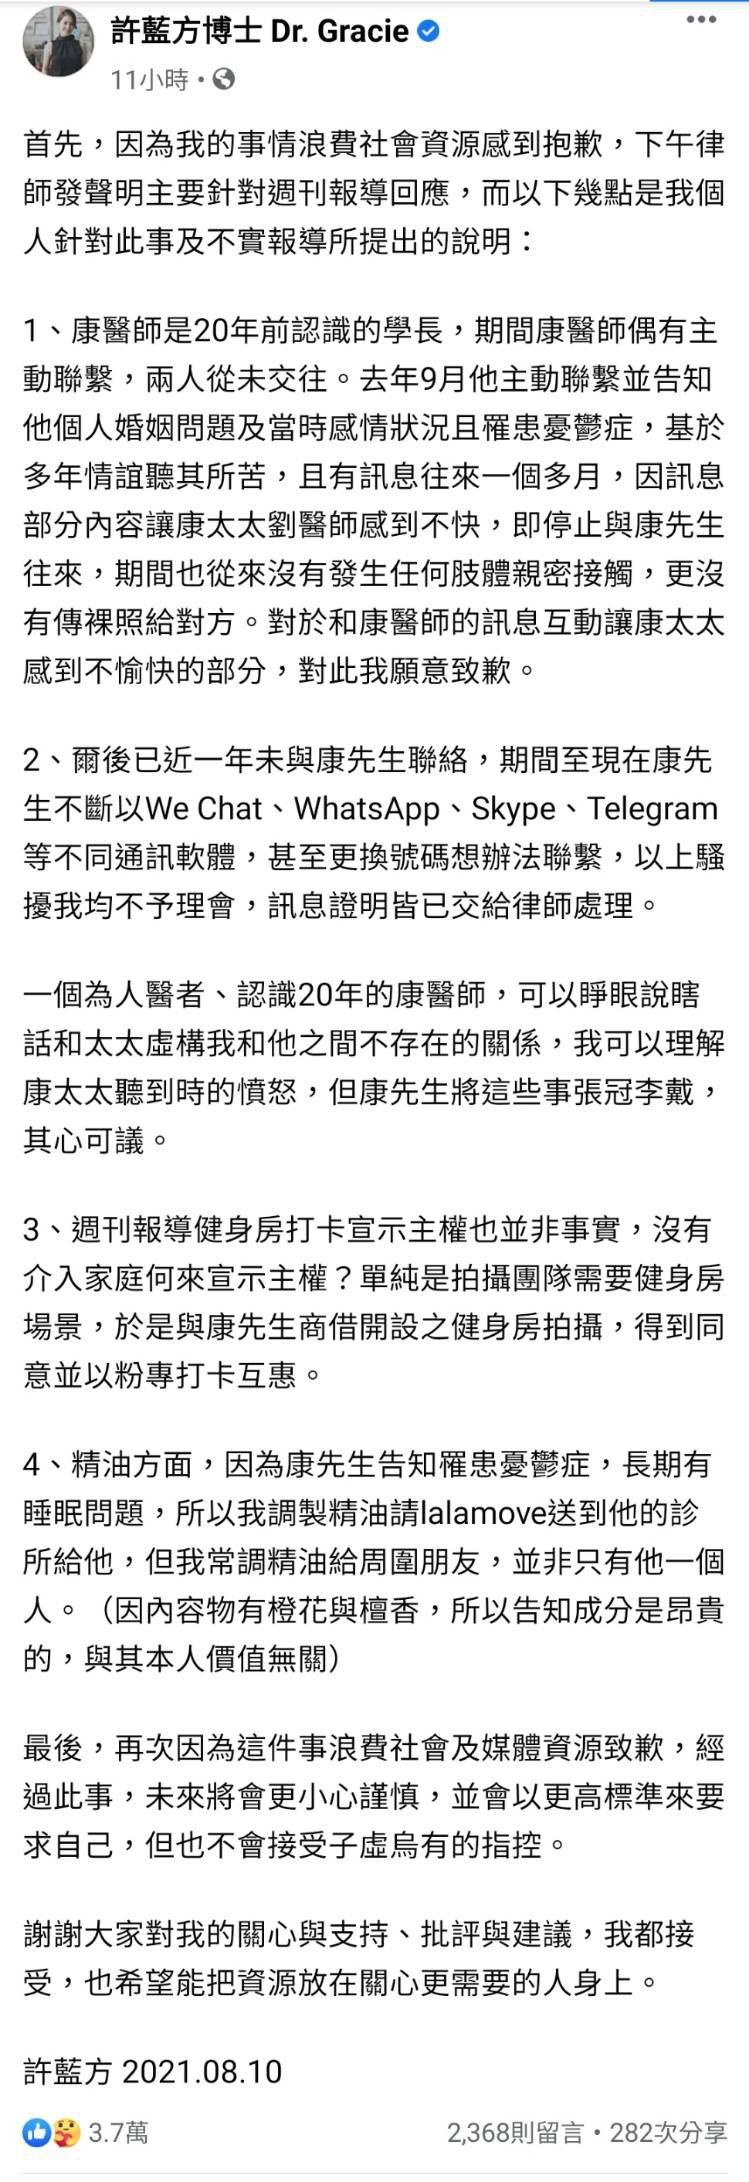 許藍芳昨天發表聲明,表示被這位醫生學長騷擾。圖/擷自臉書